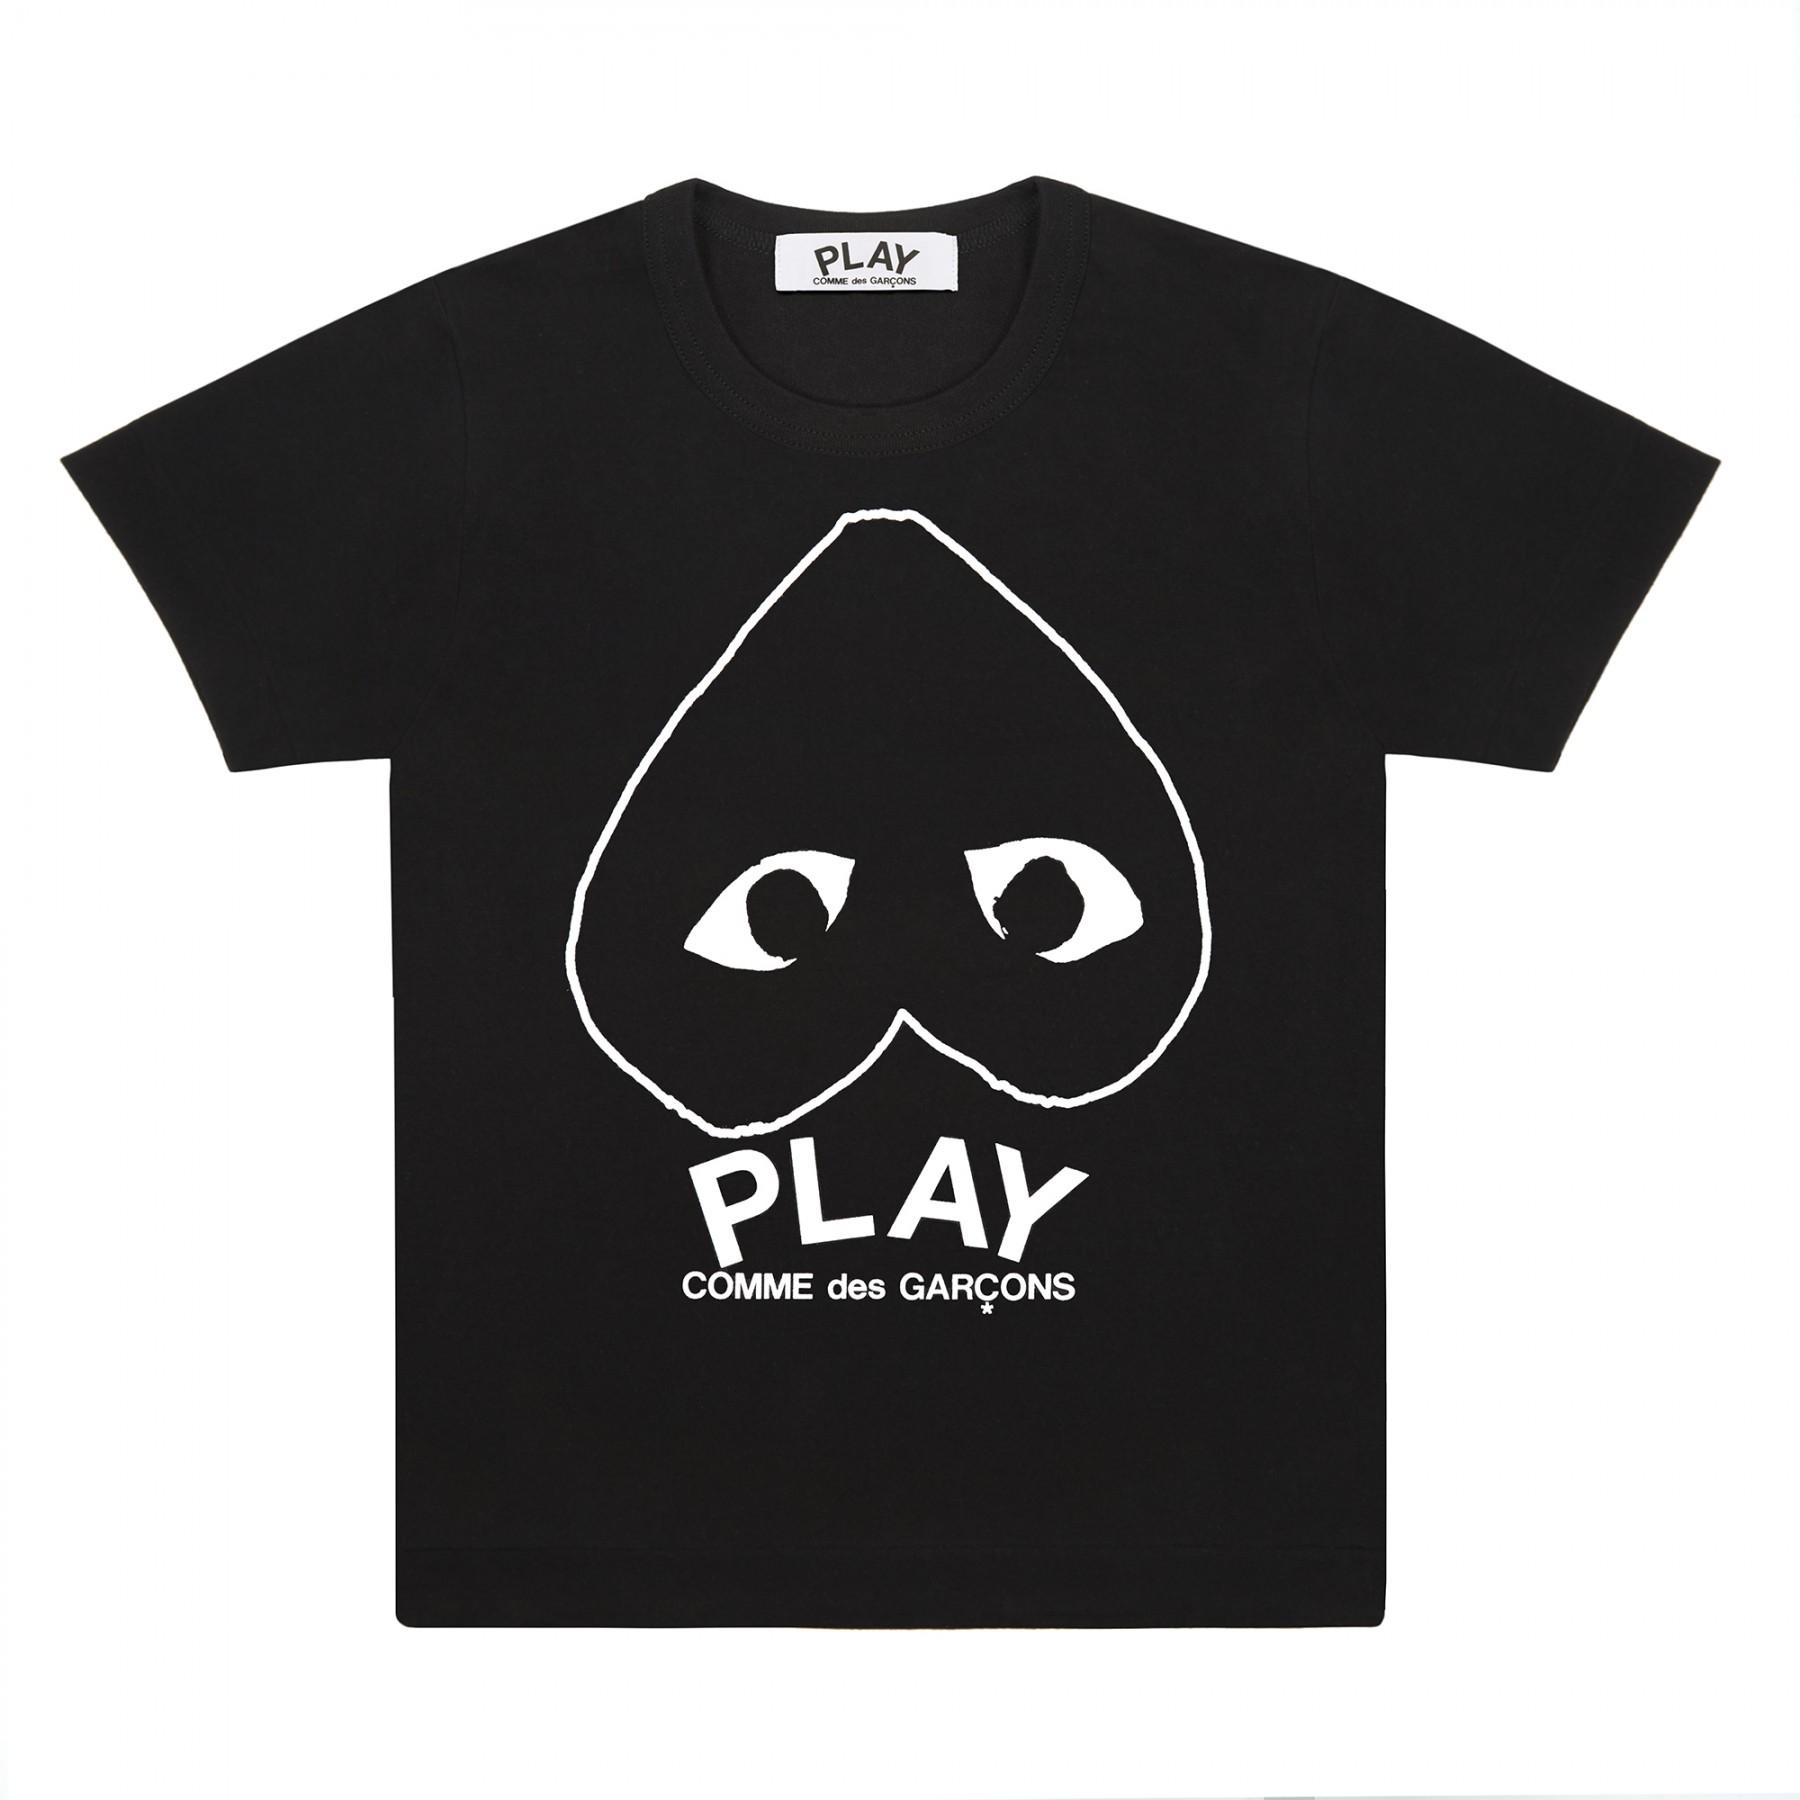 꼼데가르송 PLAY 블랙 티셔츠 화이트라인  하트 (남성)